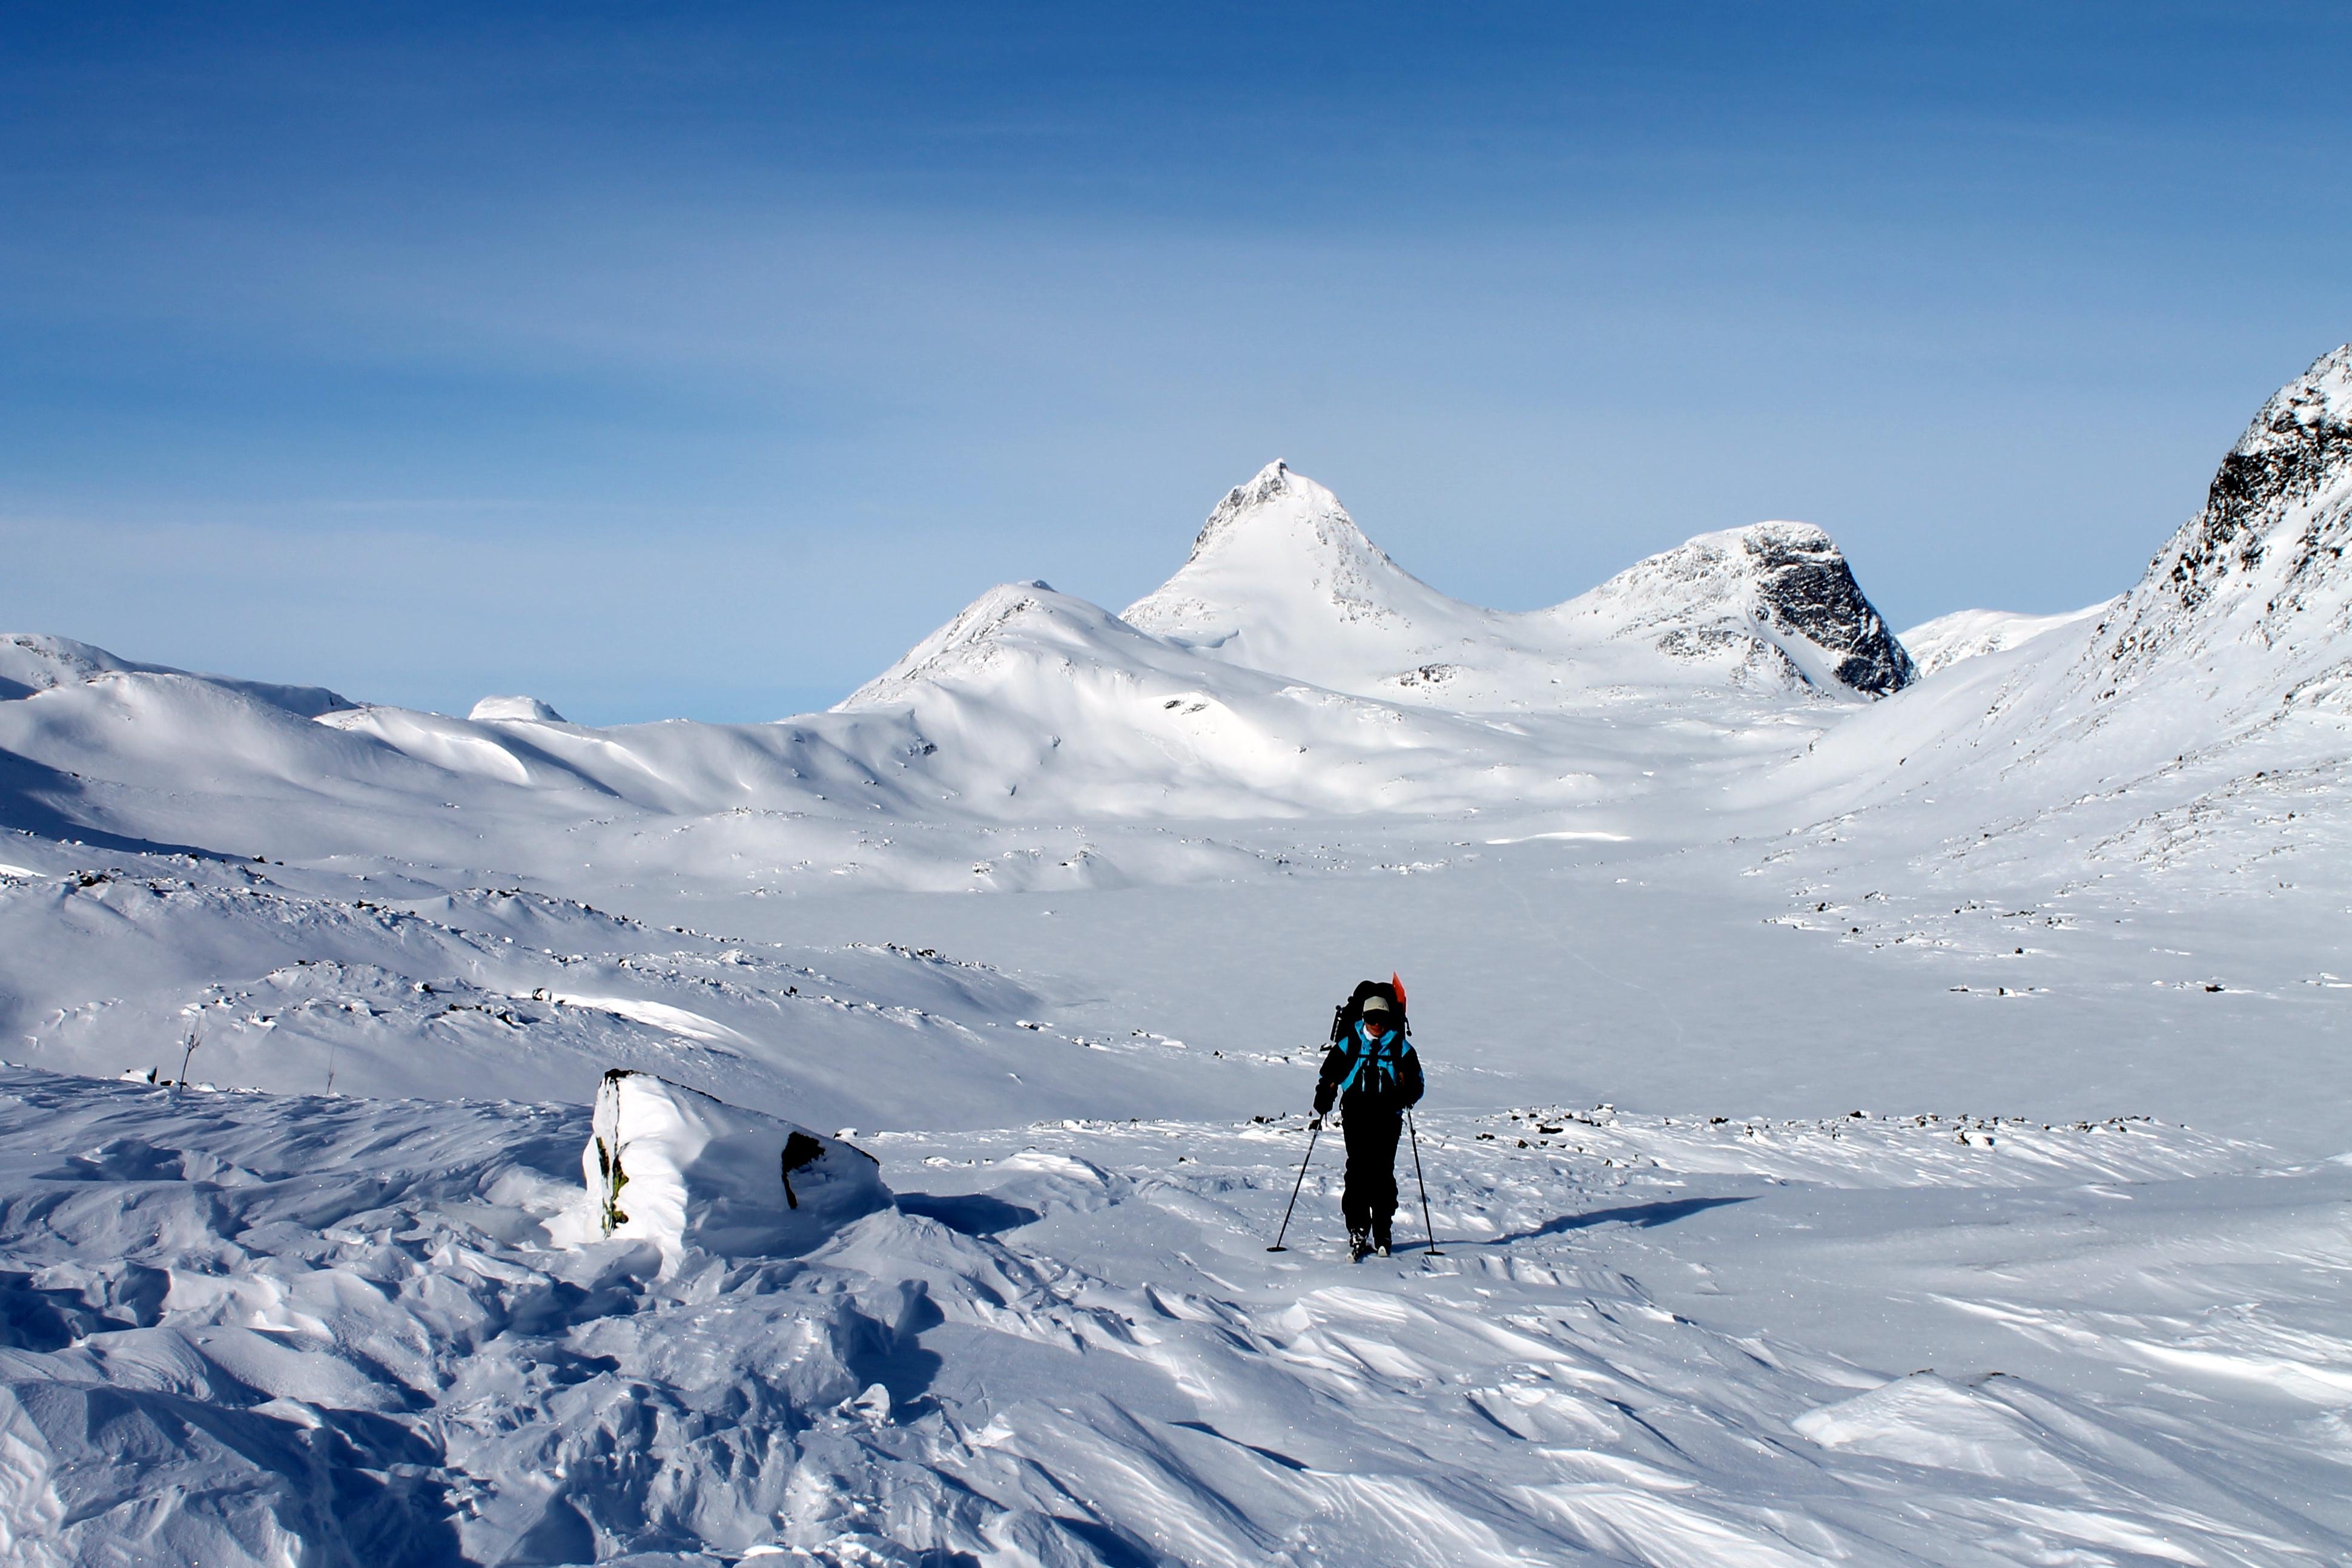 På vei fra Olavsbu til Eidsbugarden. Mjølkedalstinden i bakgrunnen.